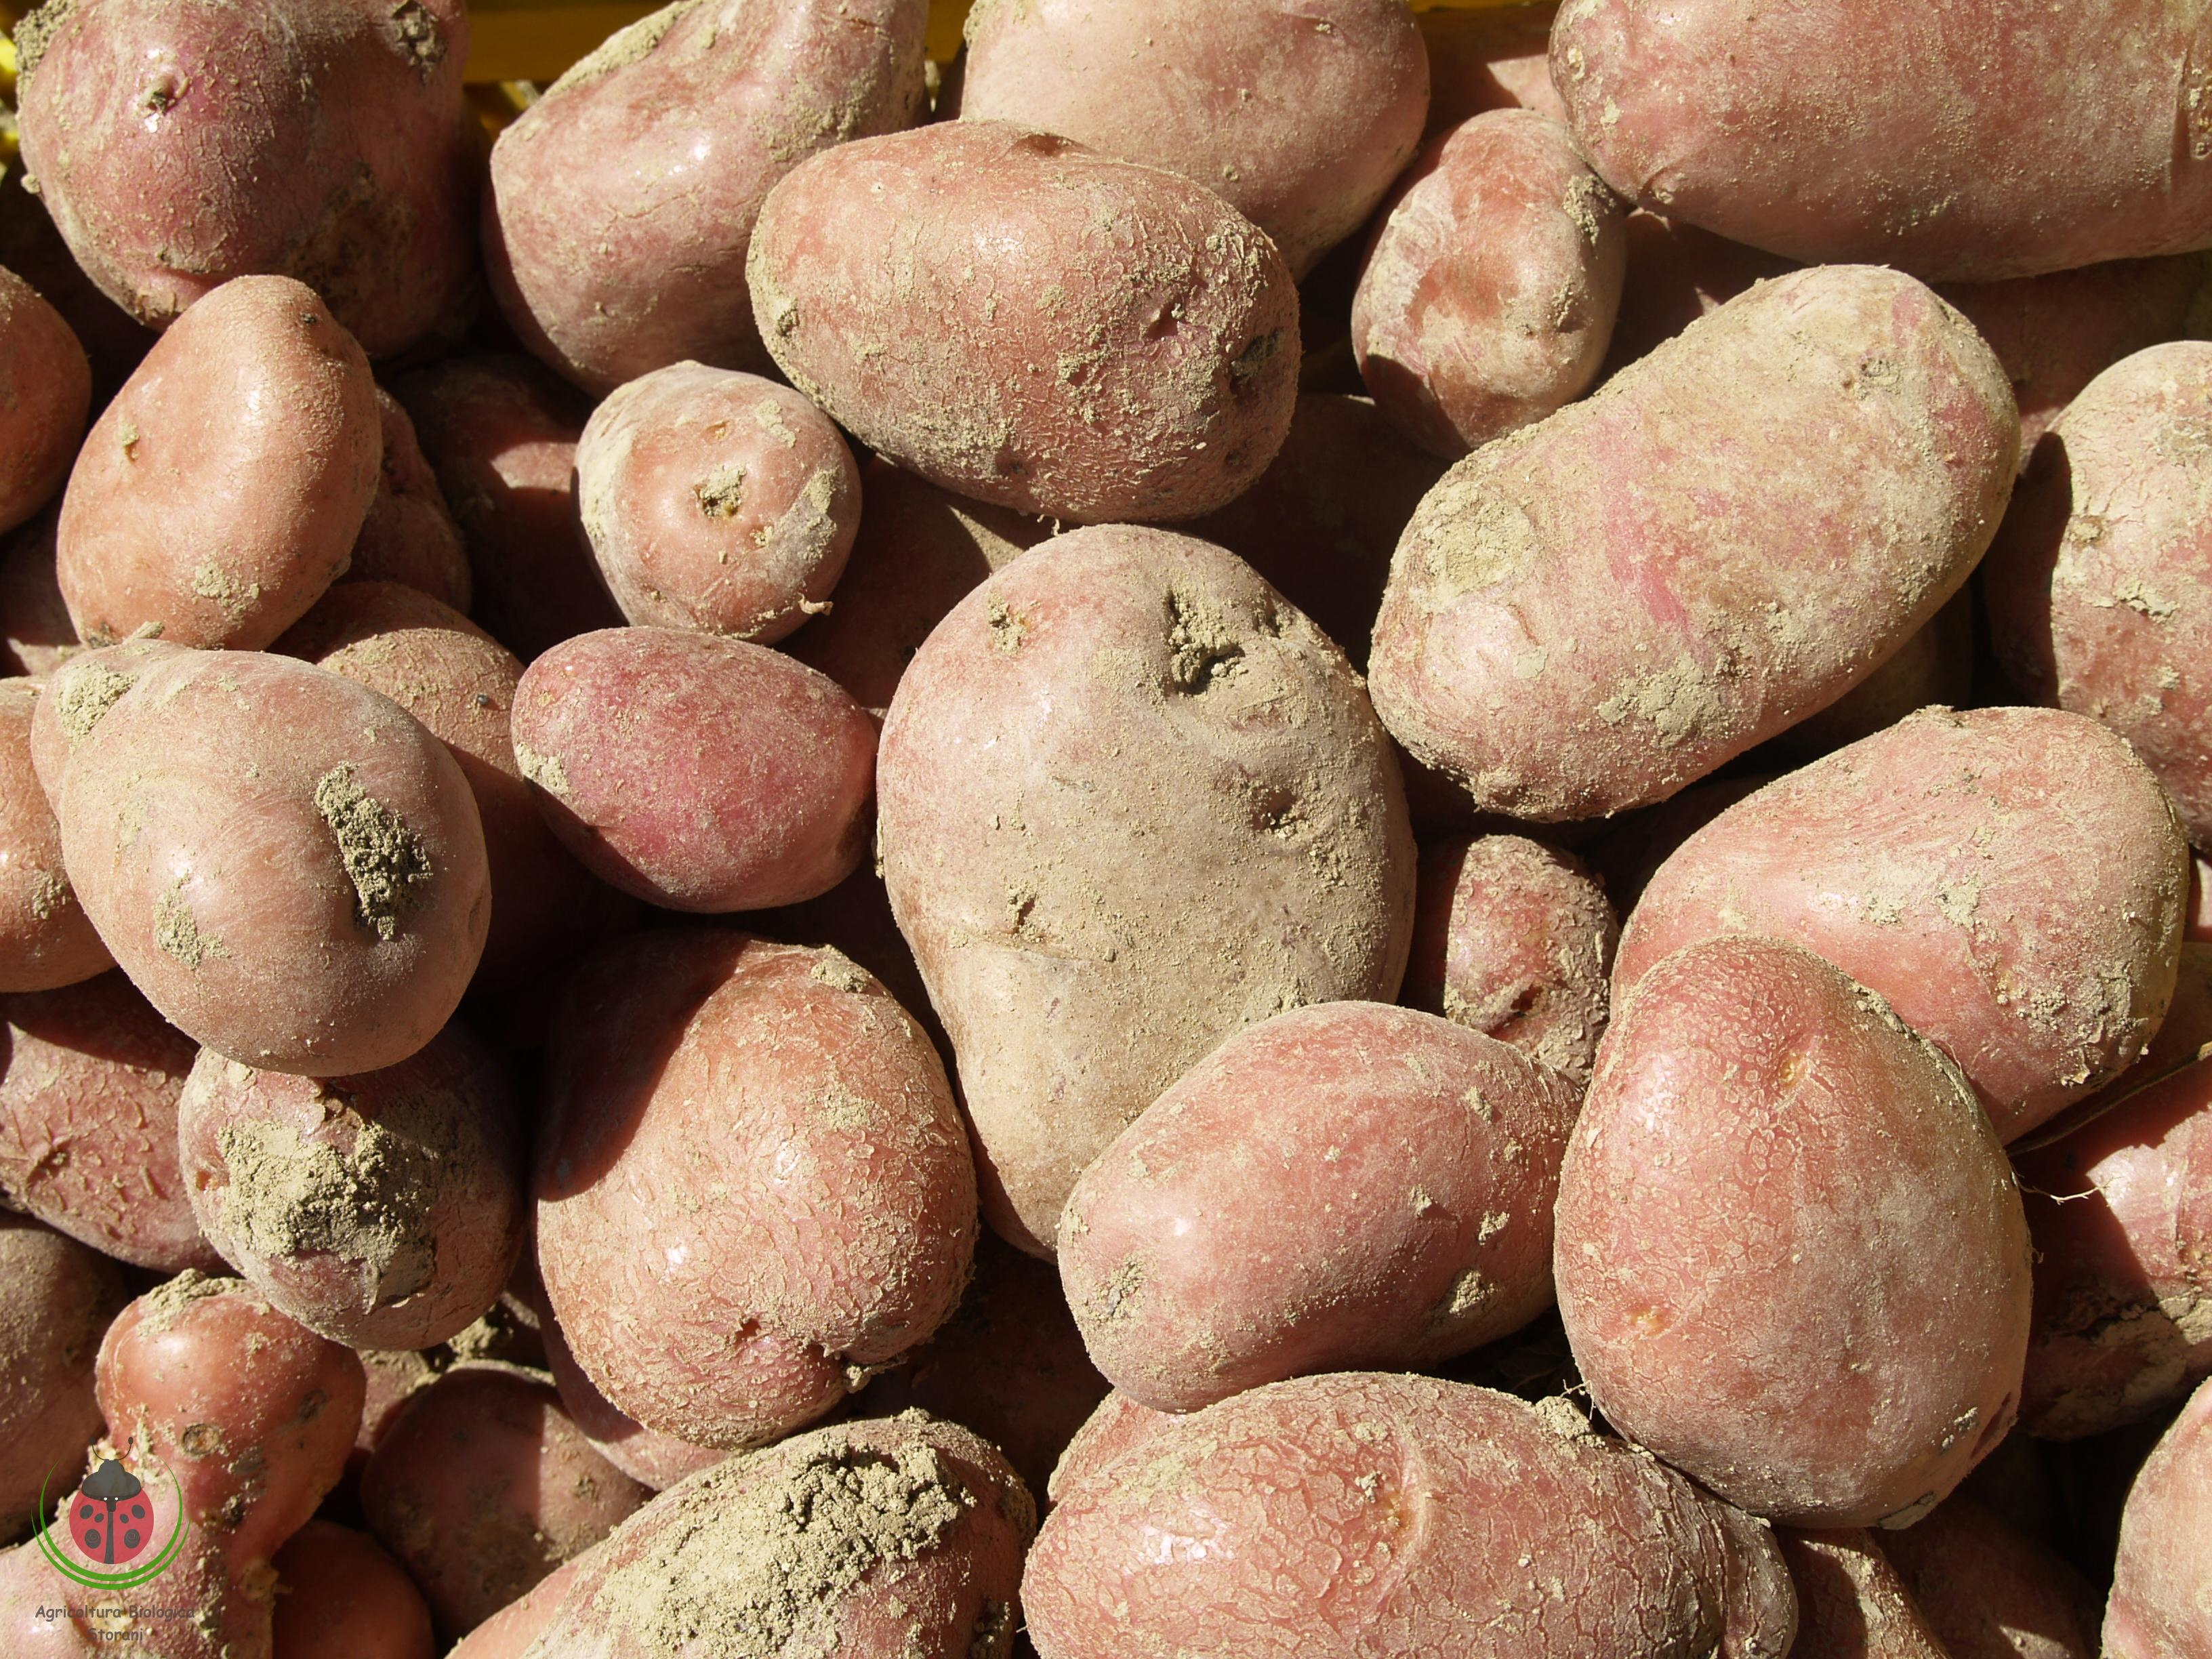 La raccolta delle patate 2014 agricoltura biologica storani for Raccolta patate